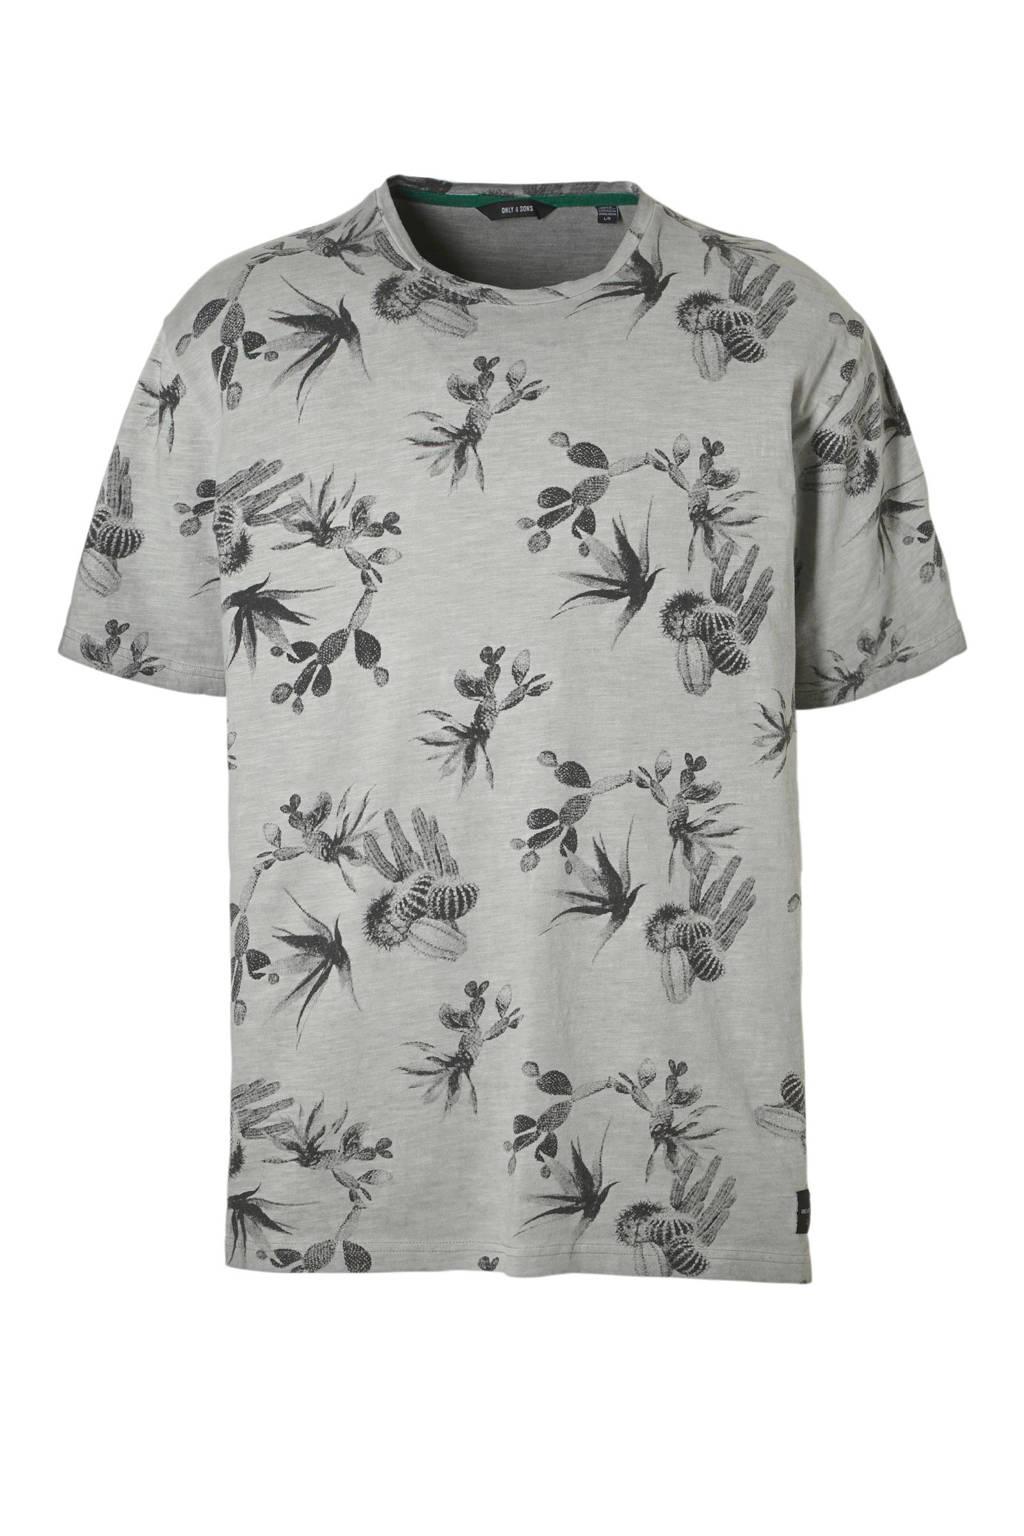 ONLY & SONS T-shirt, Grijs melange